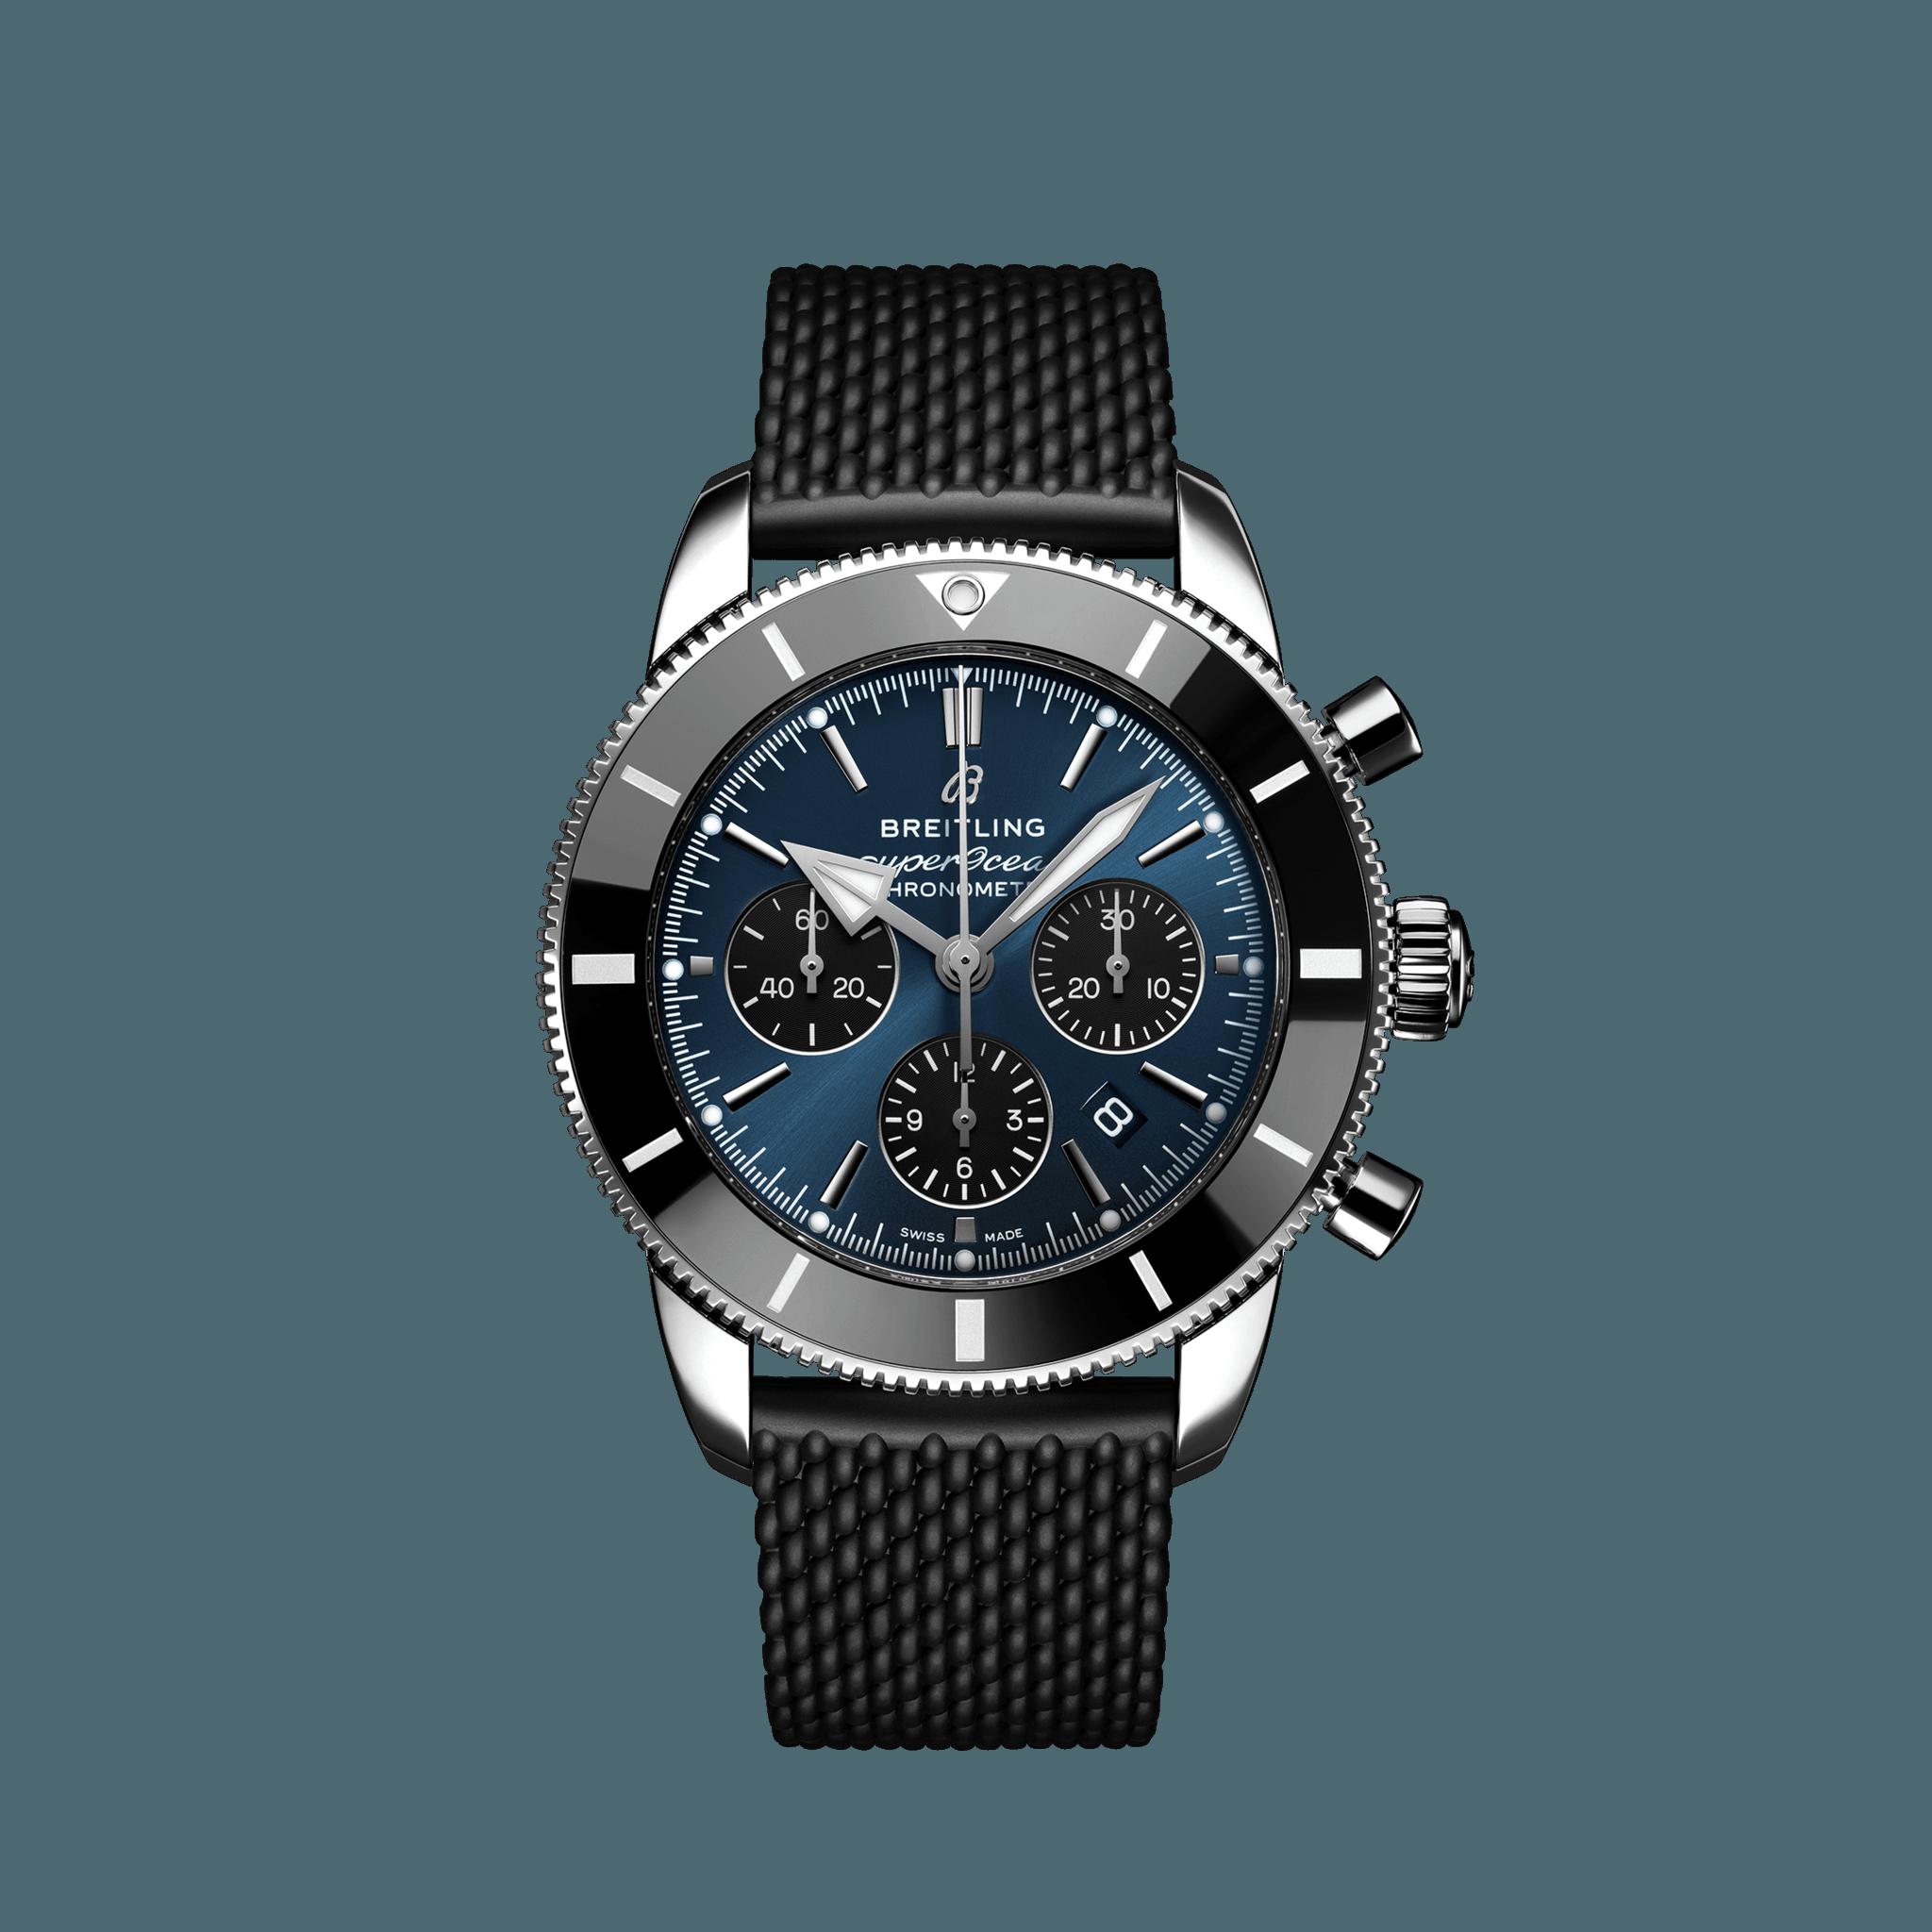 スーパーオーシャン ヘリテージ B01 クロノグラフ 44-画像1